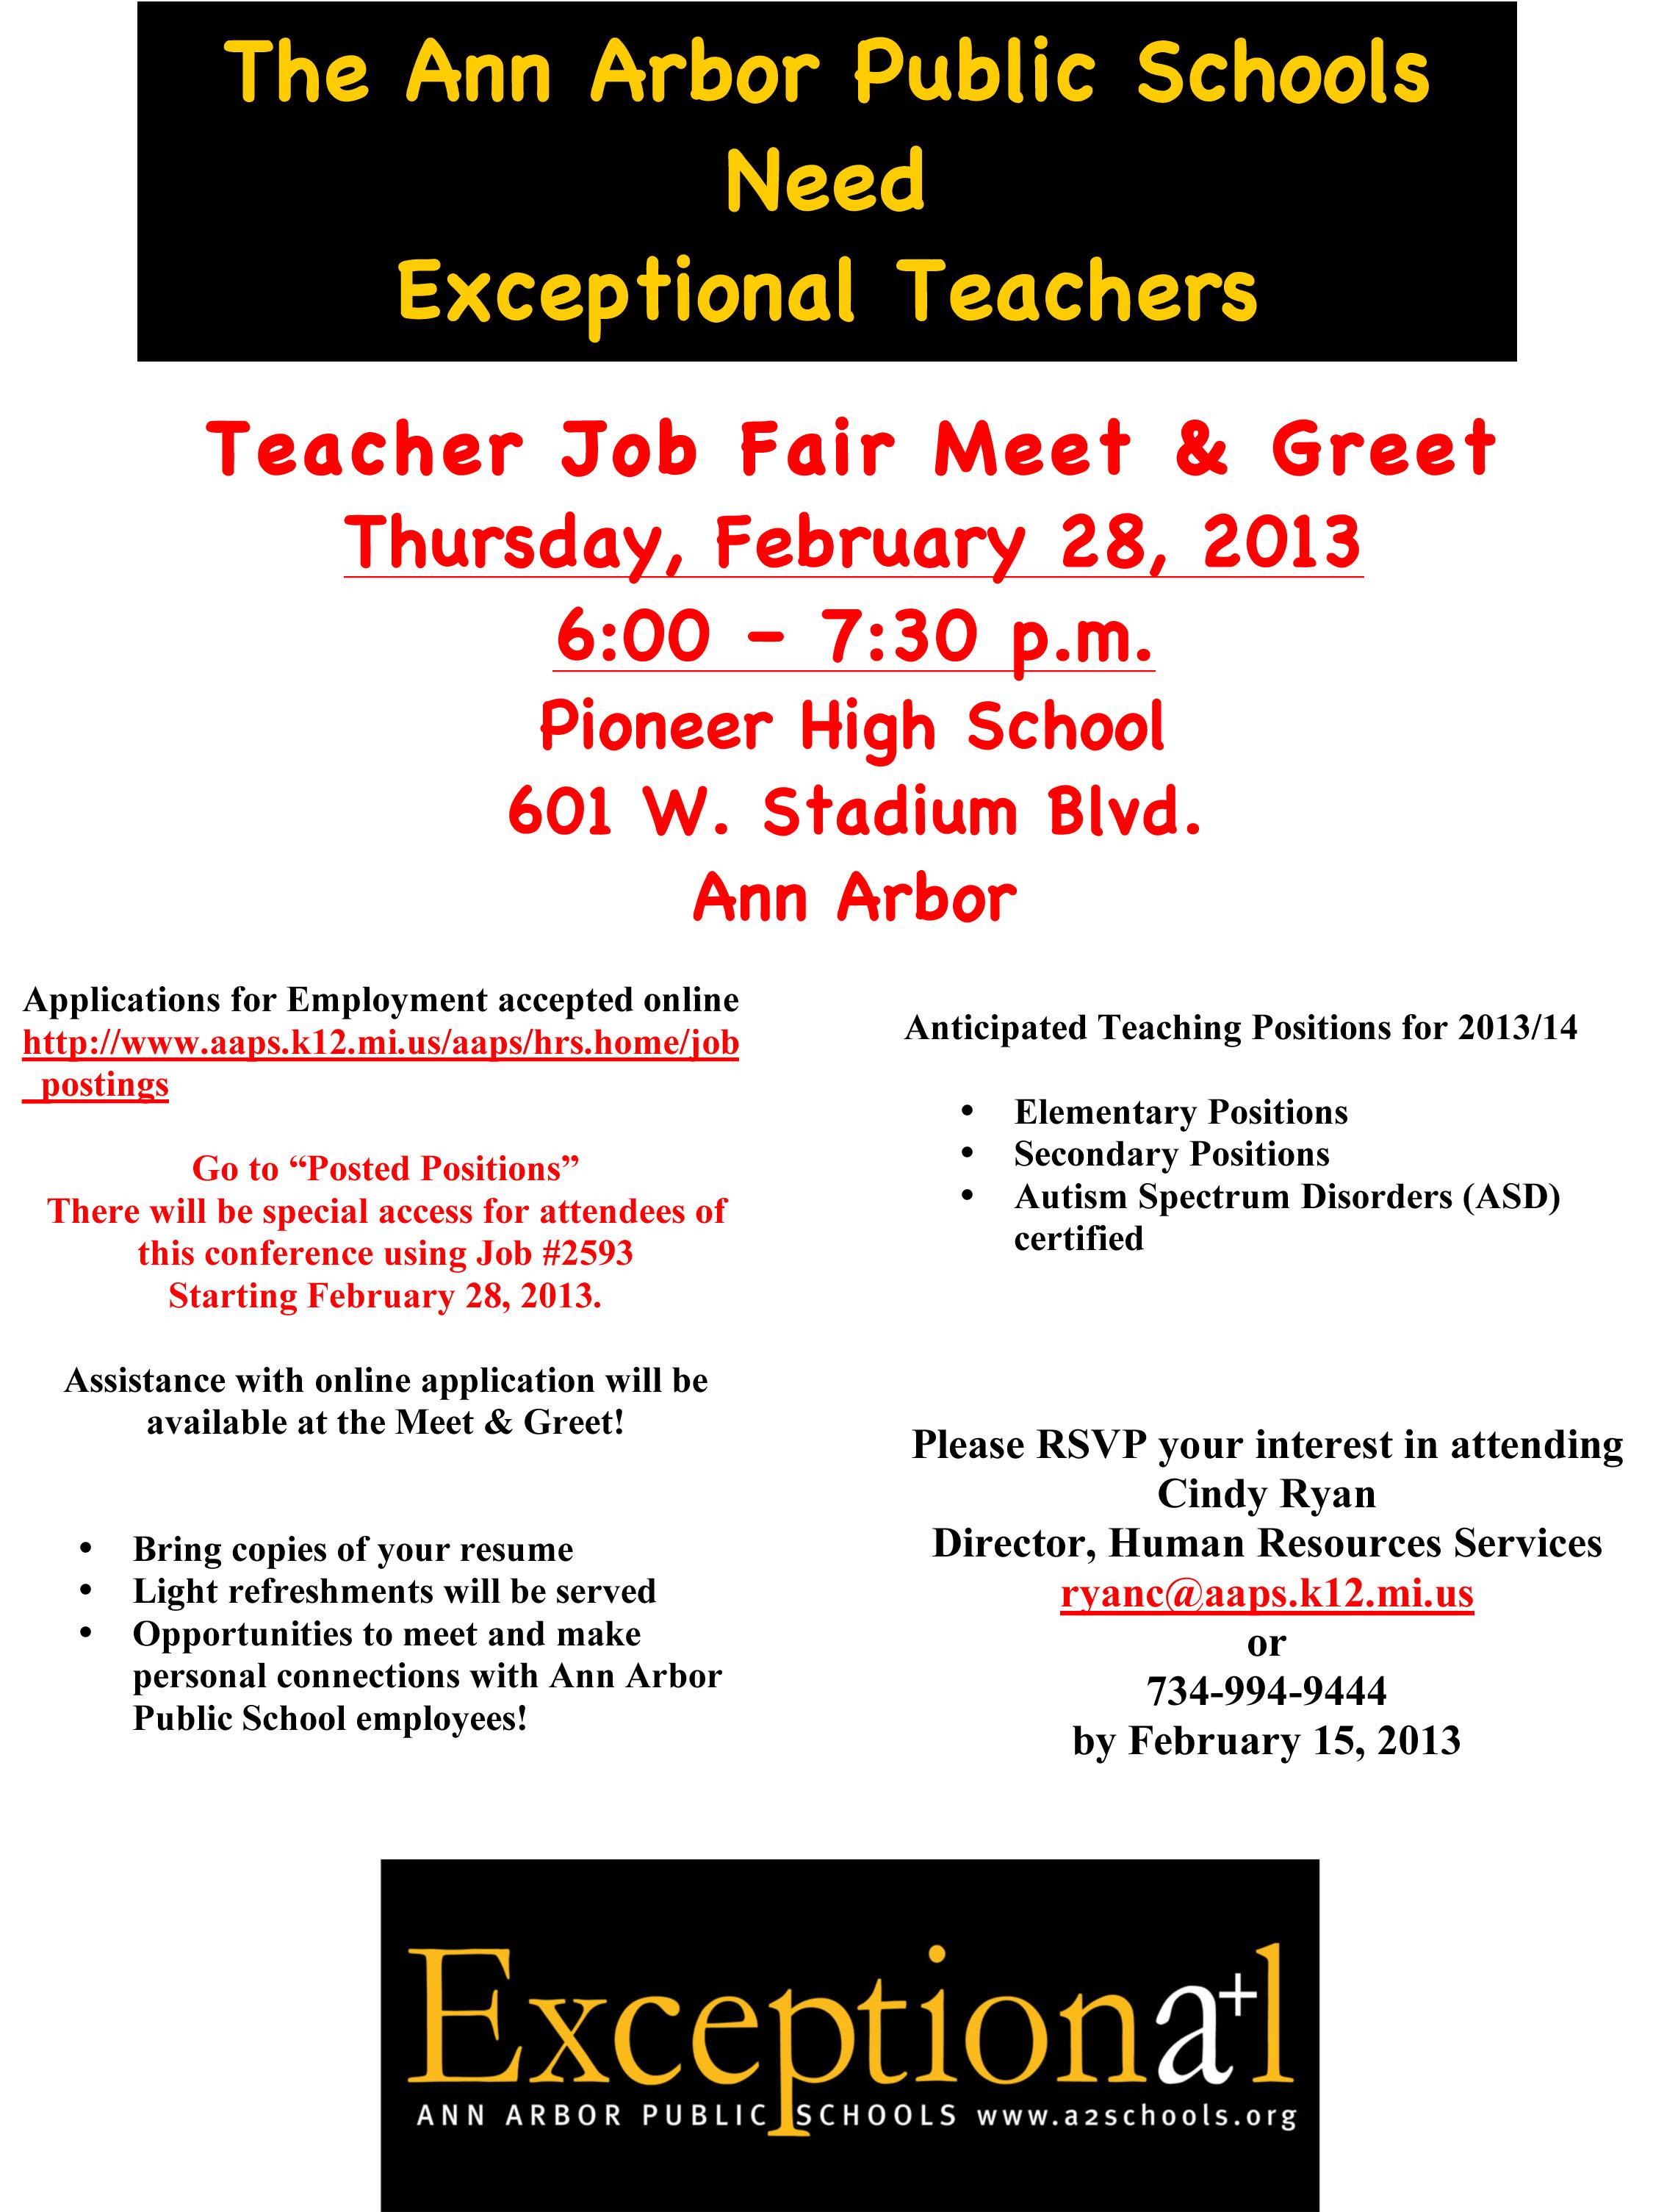 Teacher Job Fair Meet and Greet Flyer